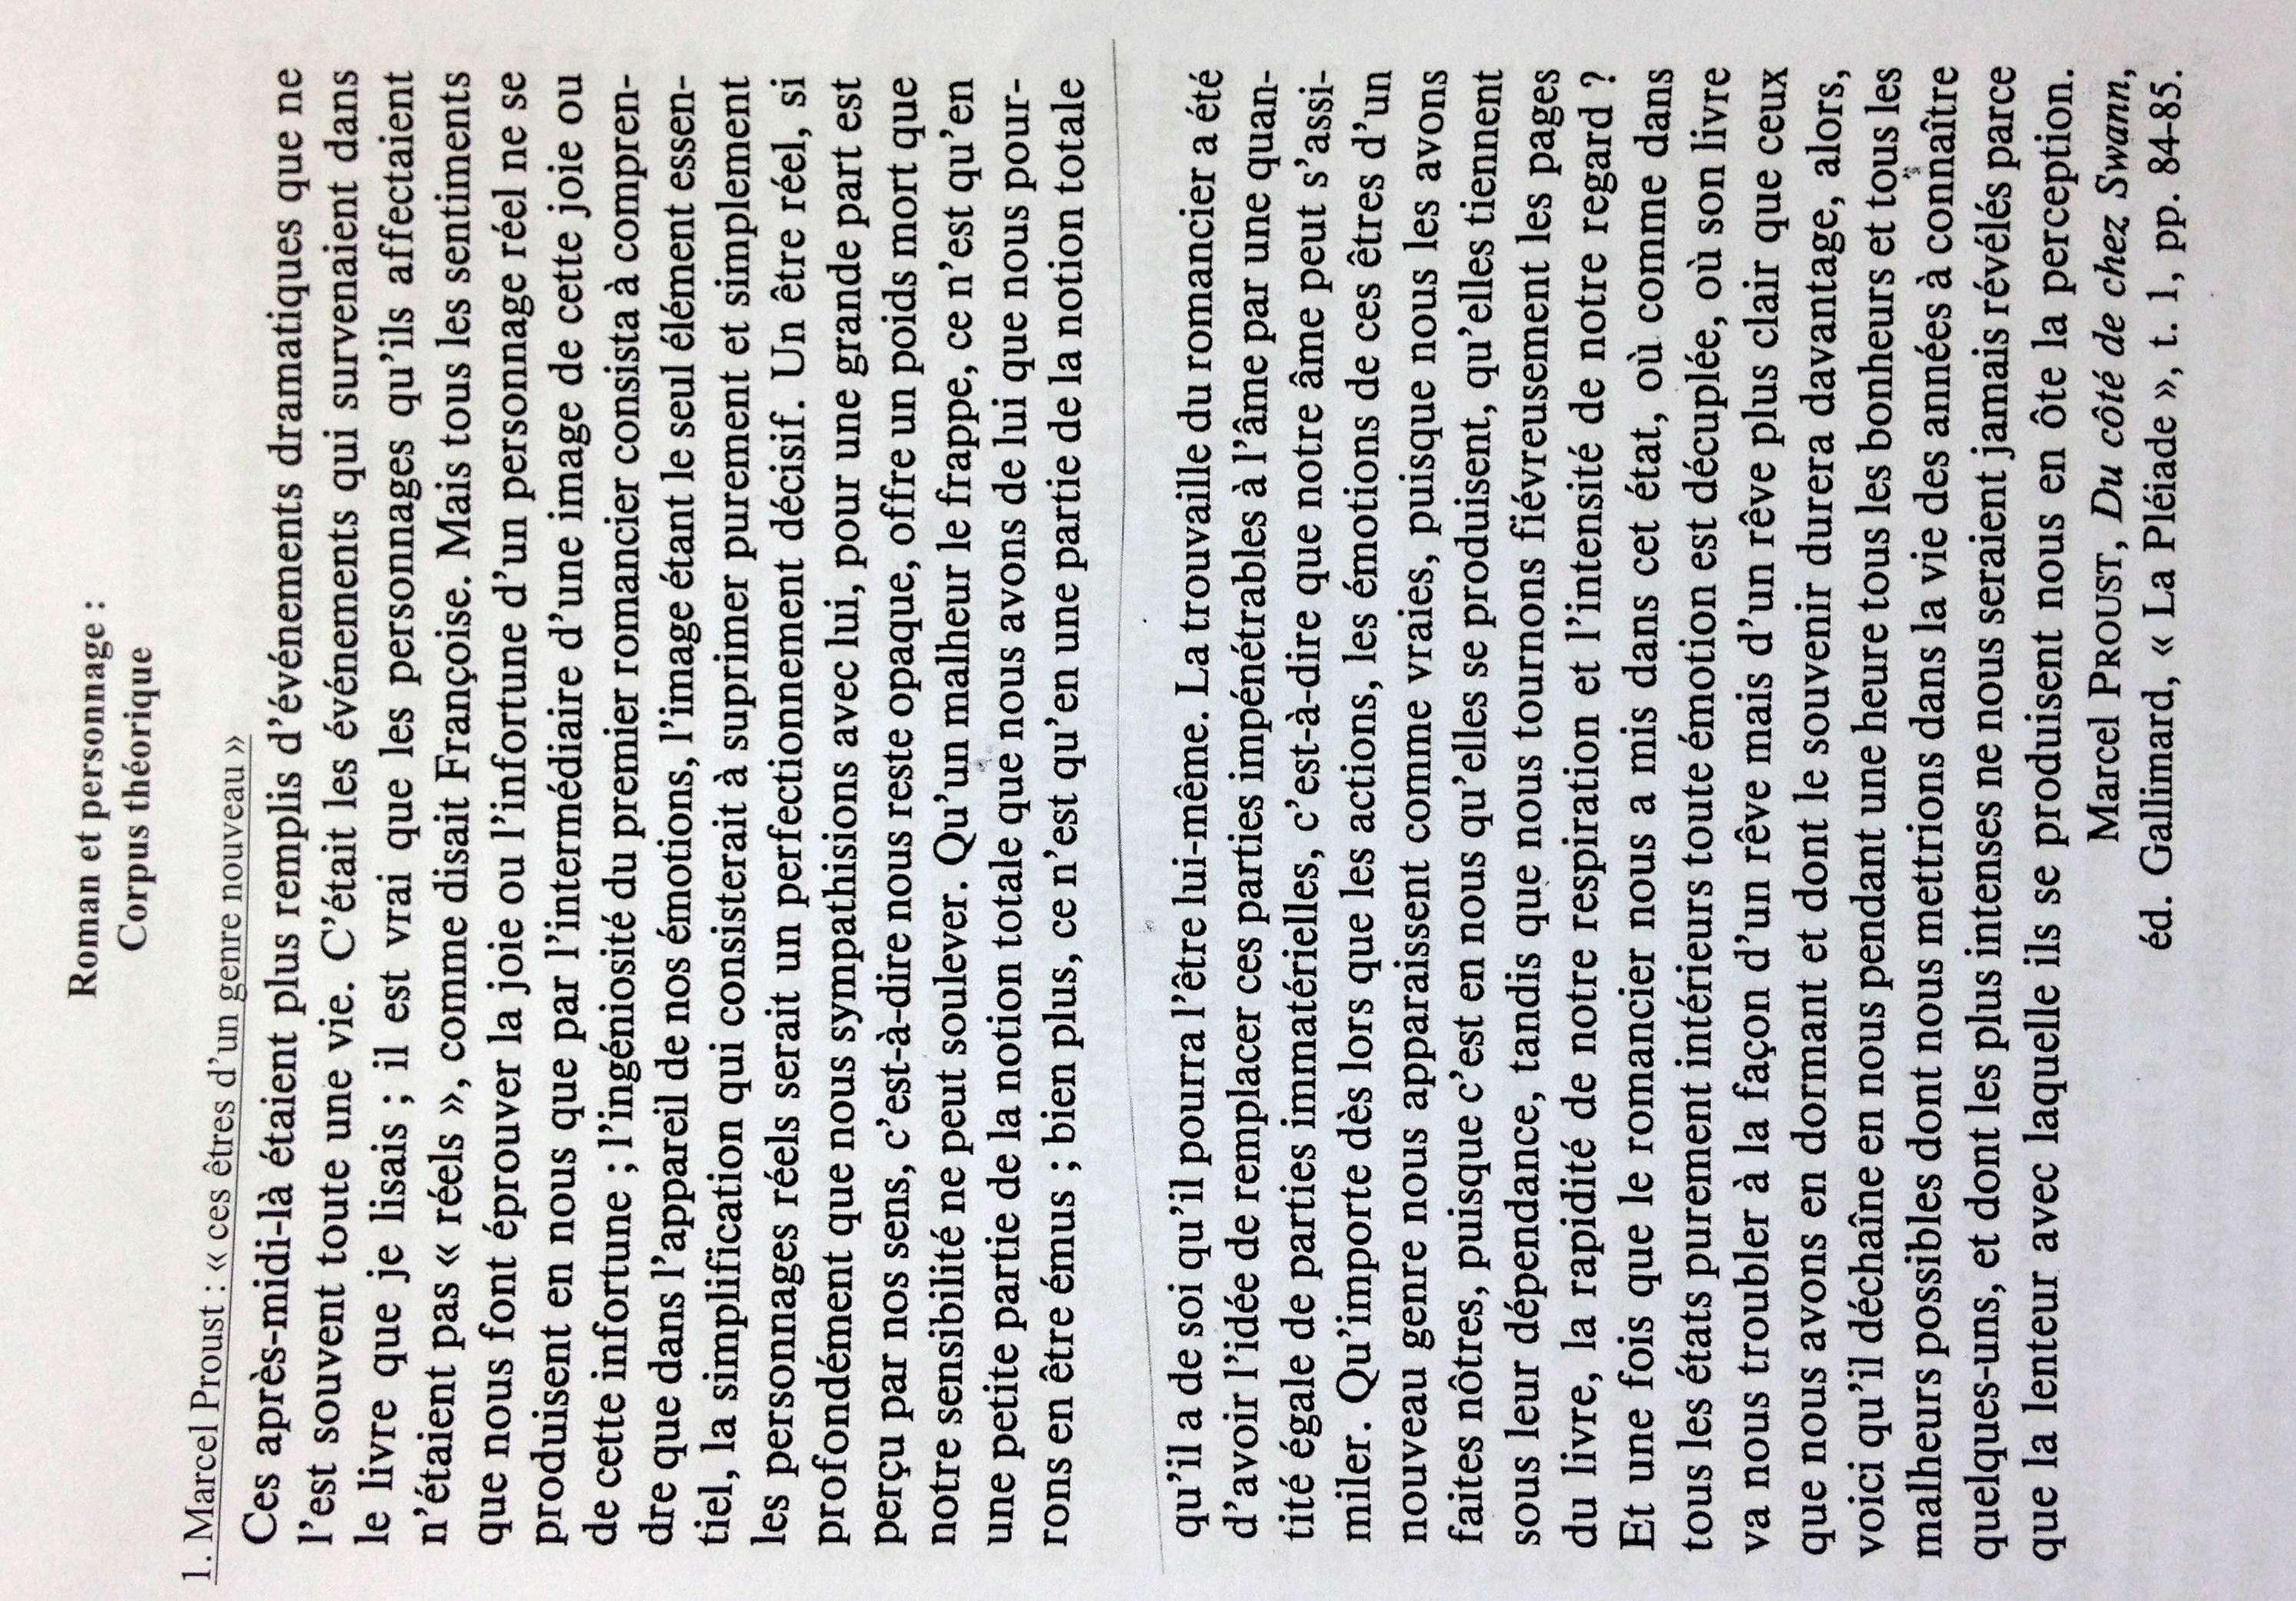 plan dune dissertation L'épreuve anticipée de français, ou eaf ou bac de français, désigne l'examen que les élèves passent à la fin de la classe de première générale et technologique en france, et dont les résultats sont pris en compte l'année suivante, pour leur baccalauréat les épreuves écrites et orales sont dotées d'un même coefficient.